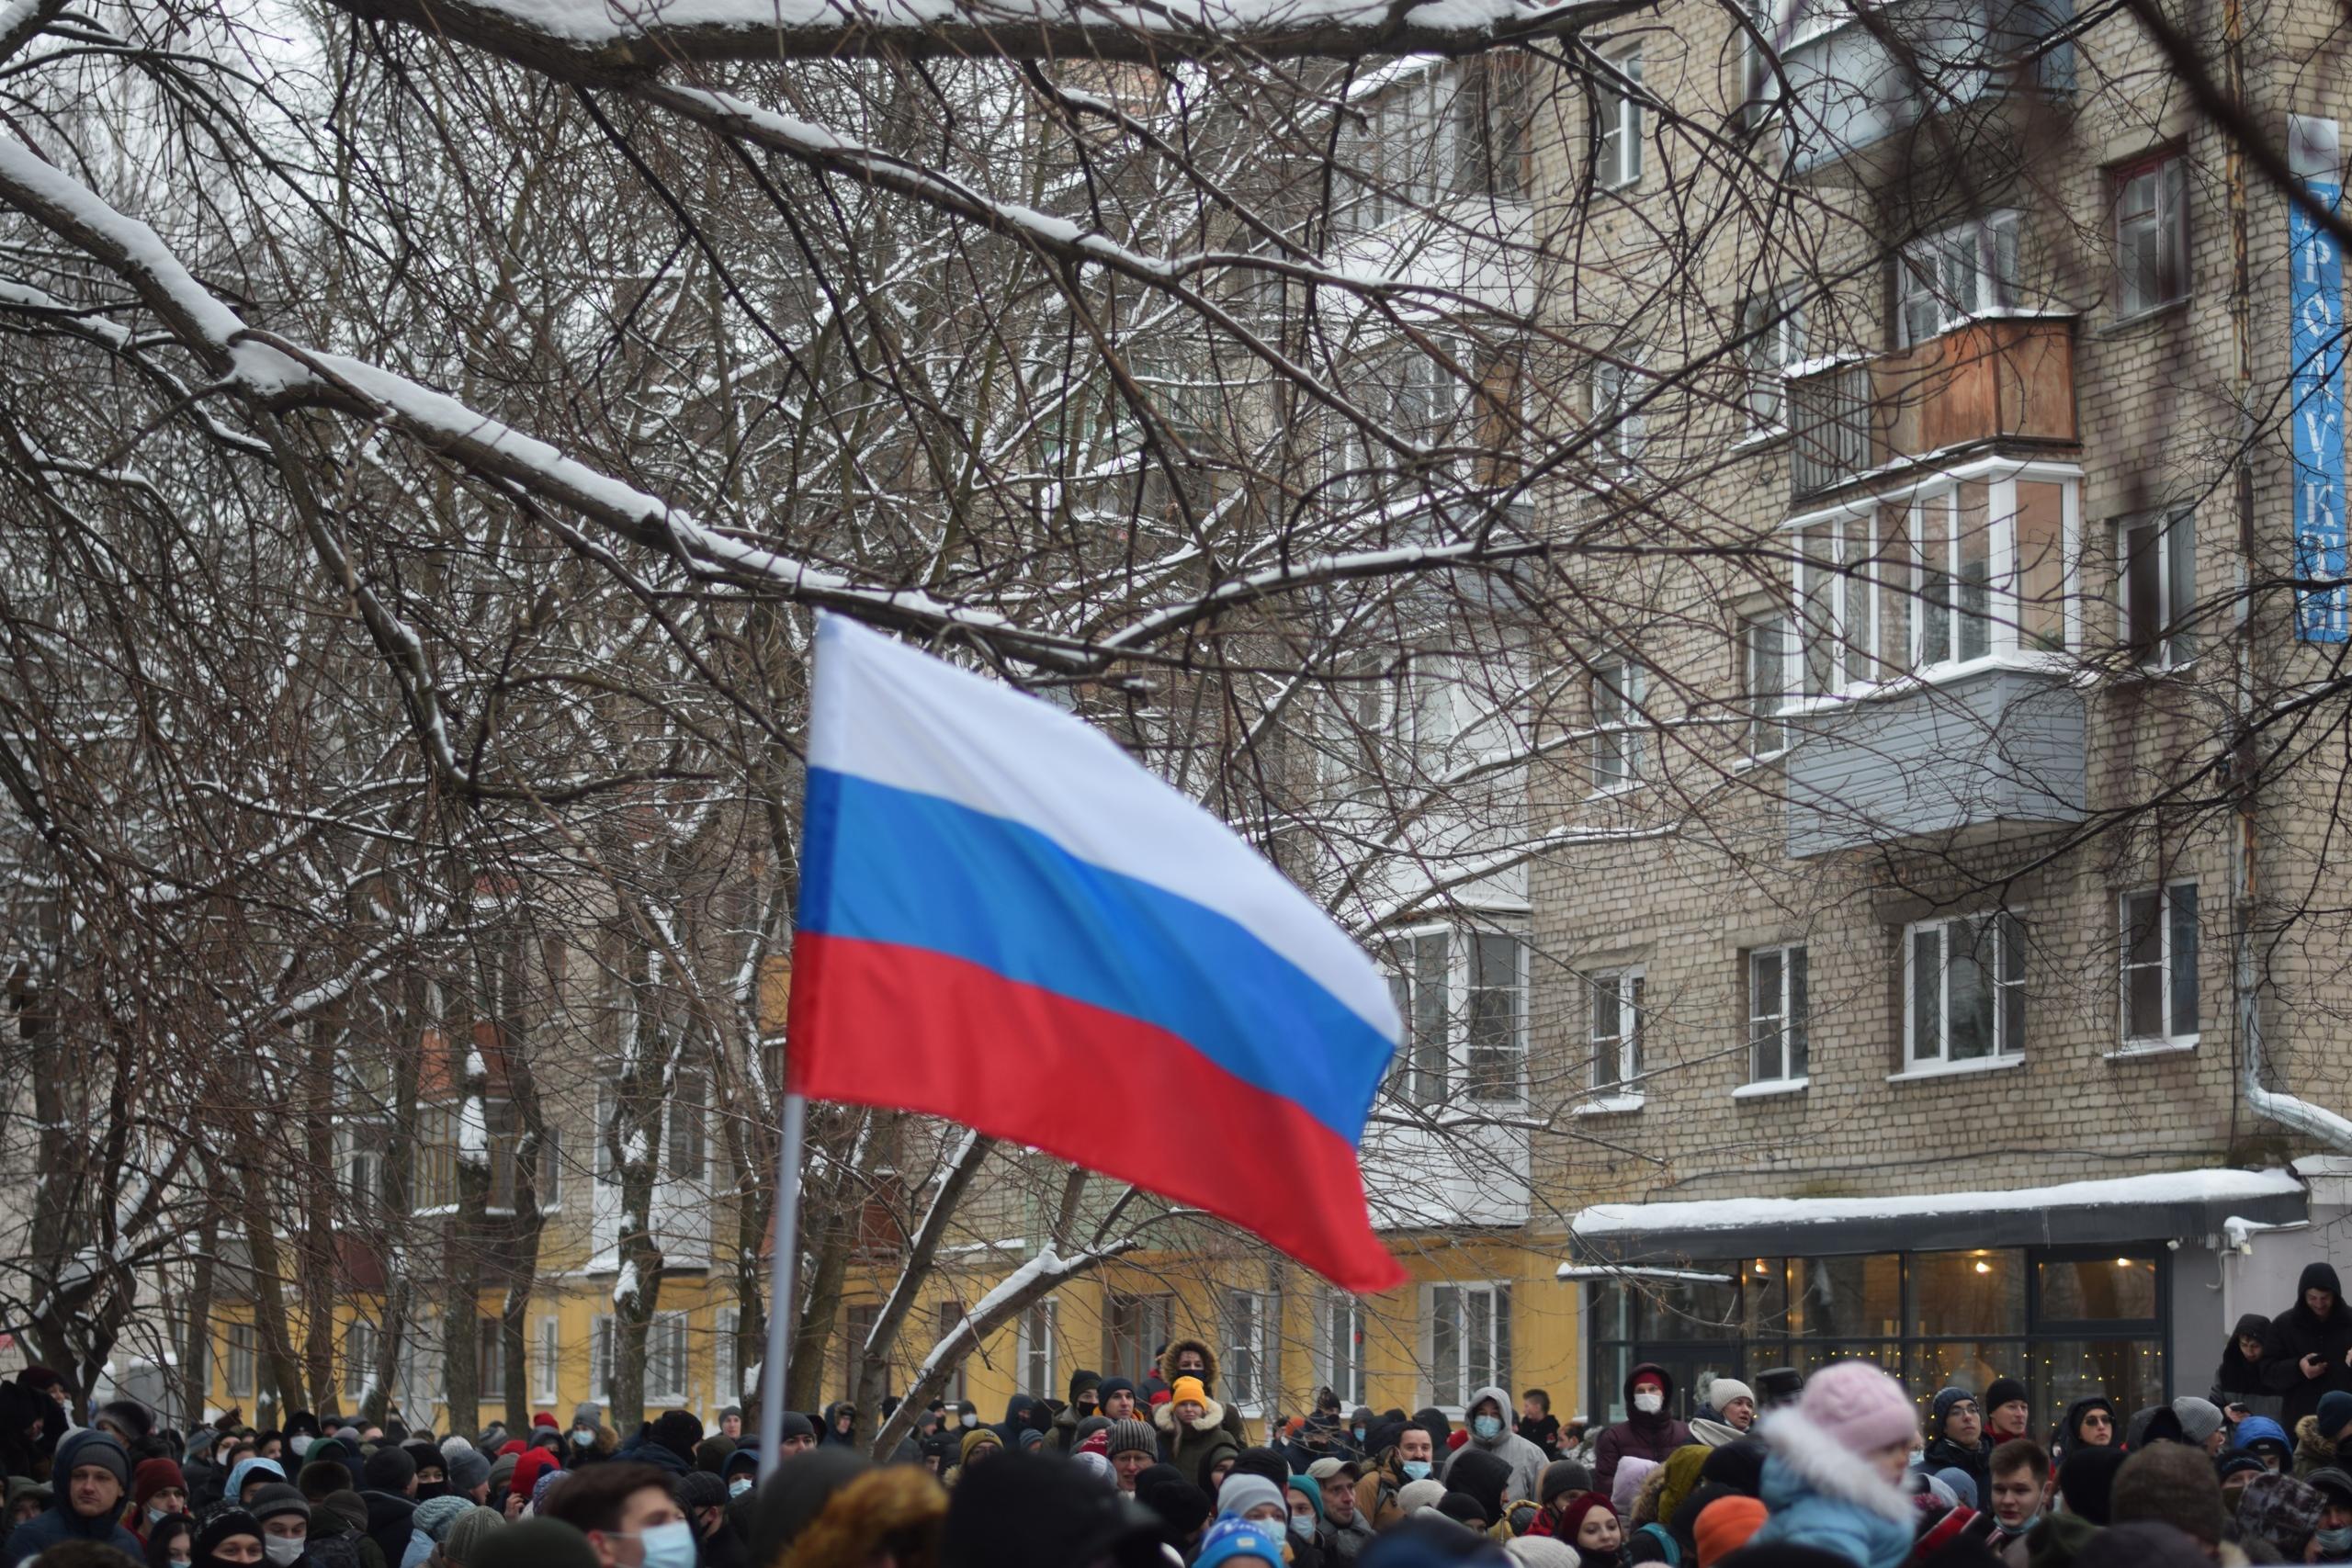 День протеста: как в Вологде прошла акция в поддержку политика Алексея Навального